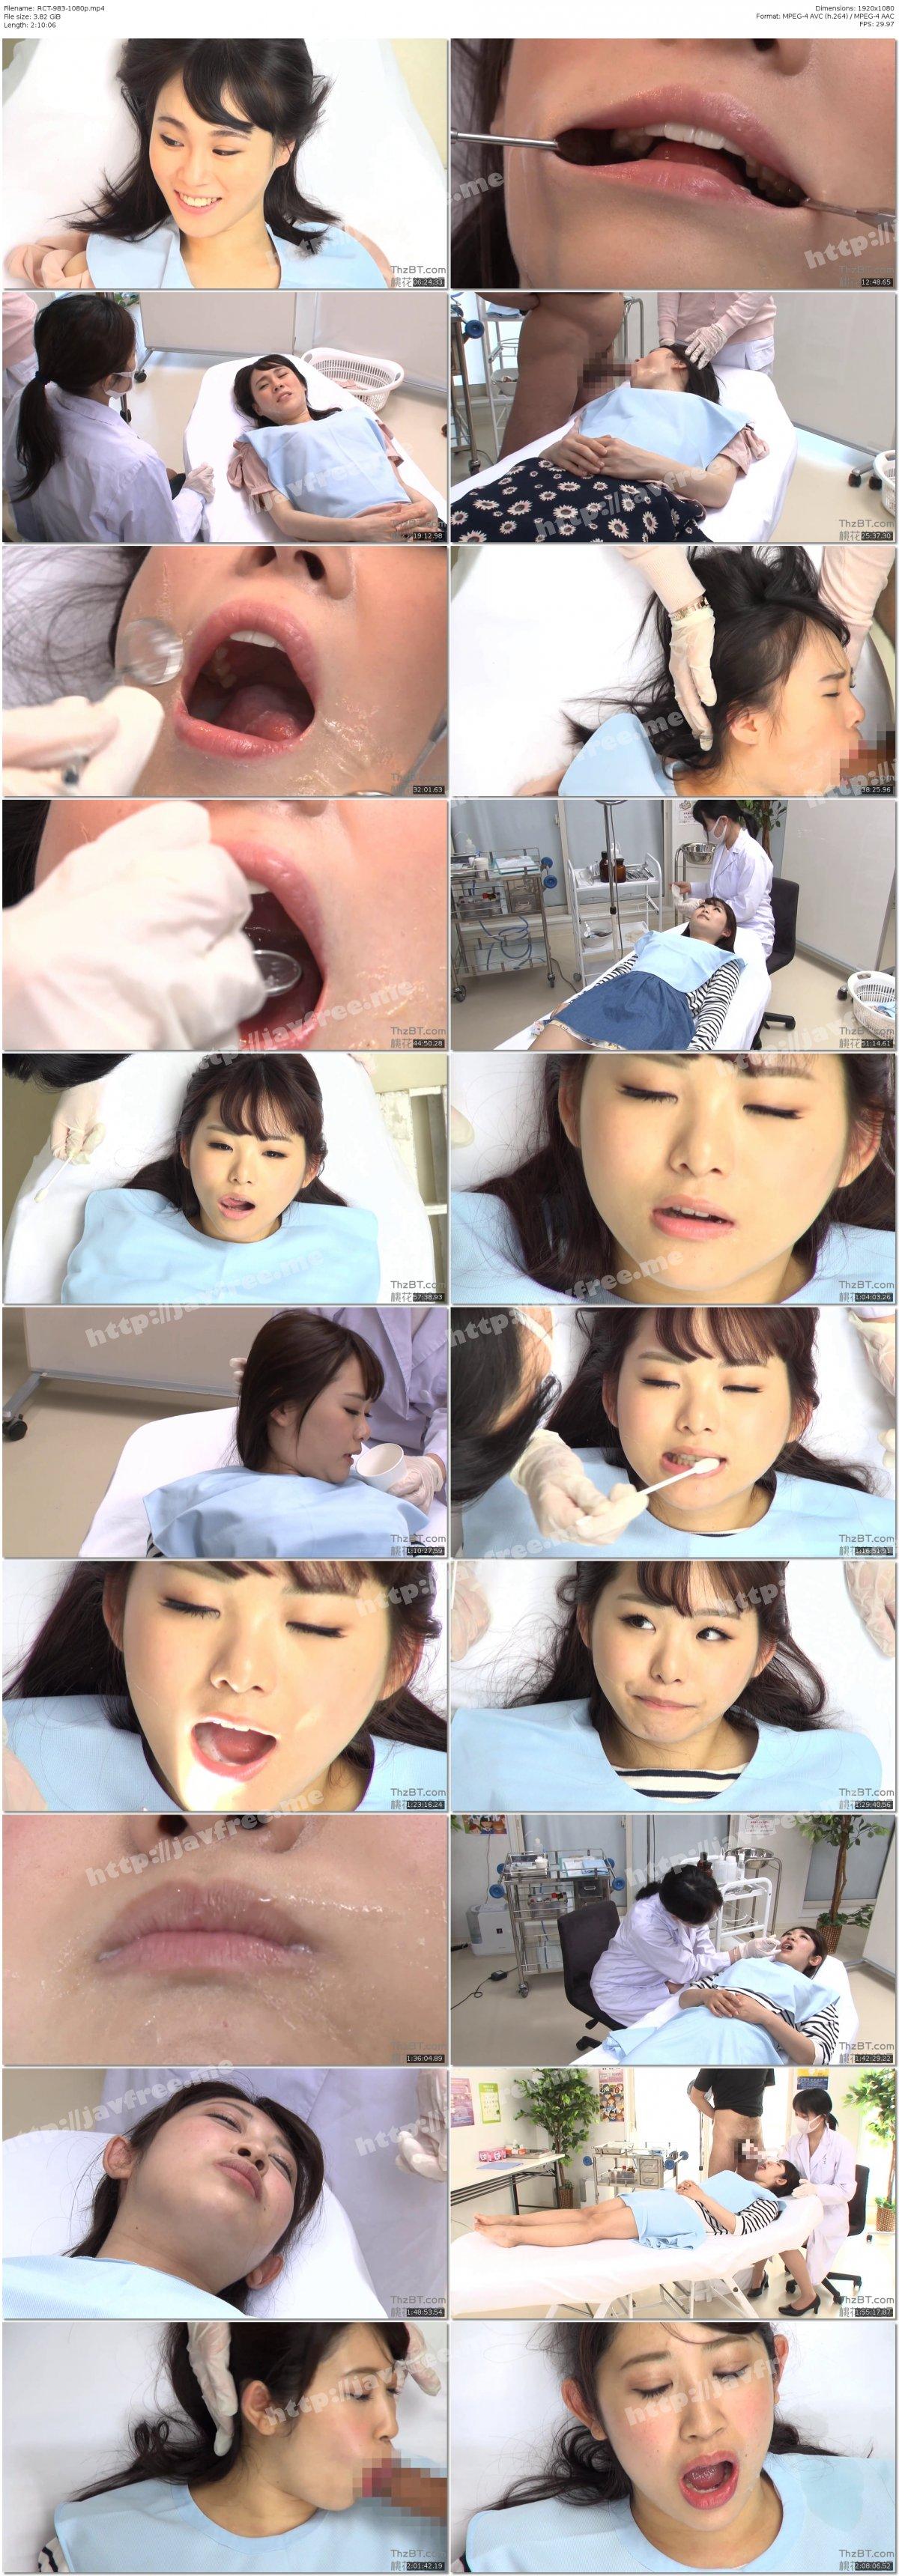 [HD][RCT-983] 歯医者で精子ごっくん - image RCT-983-1080p on https://javfree.me